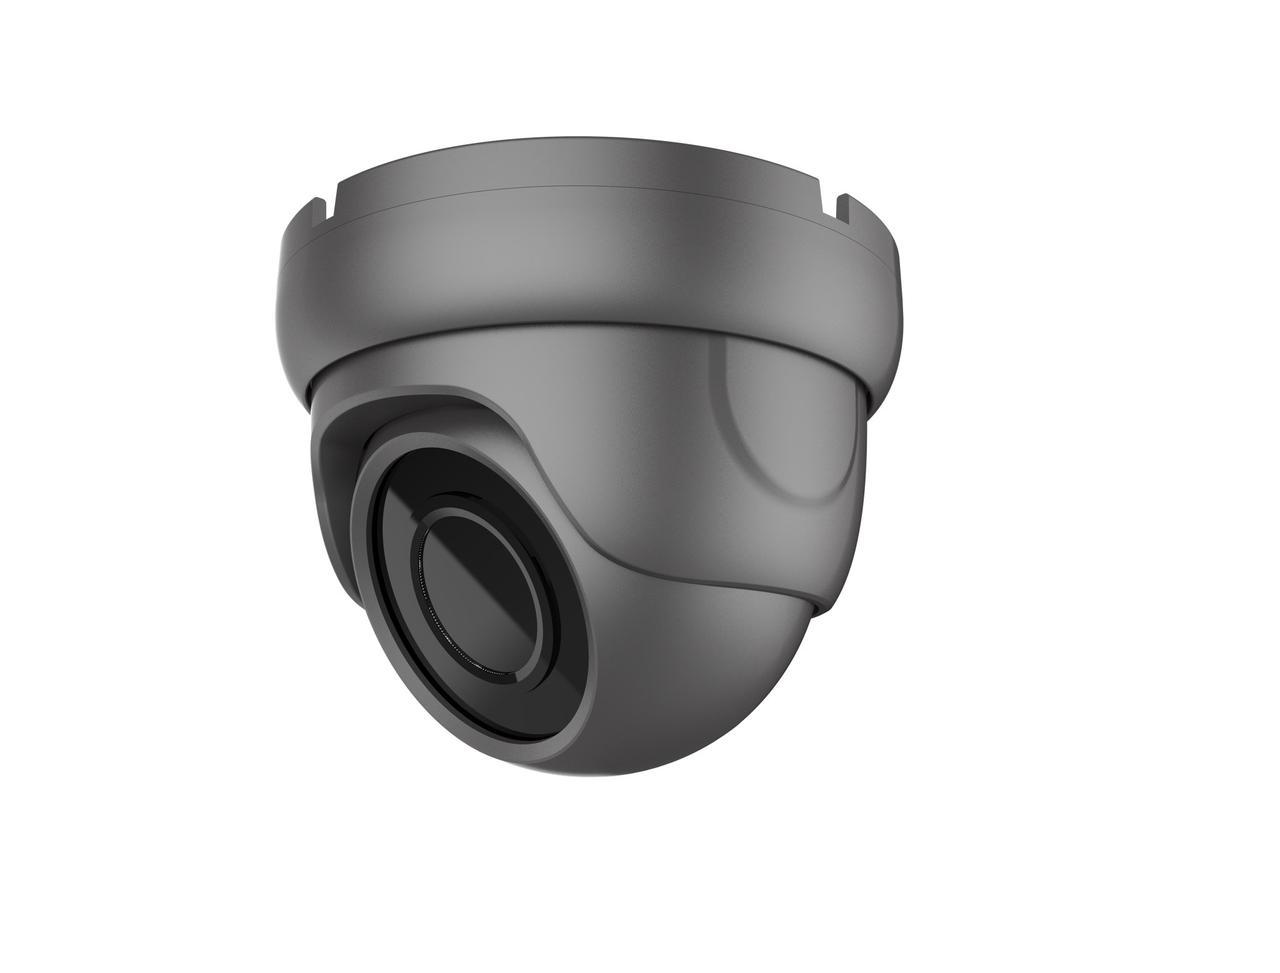 MHD видеокамера 2 Мп уличная/внутренняя SEVEN MH-7612M black (2,8)